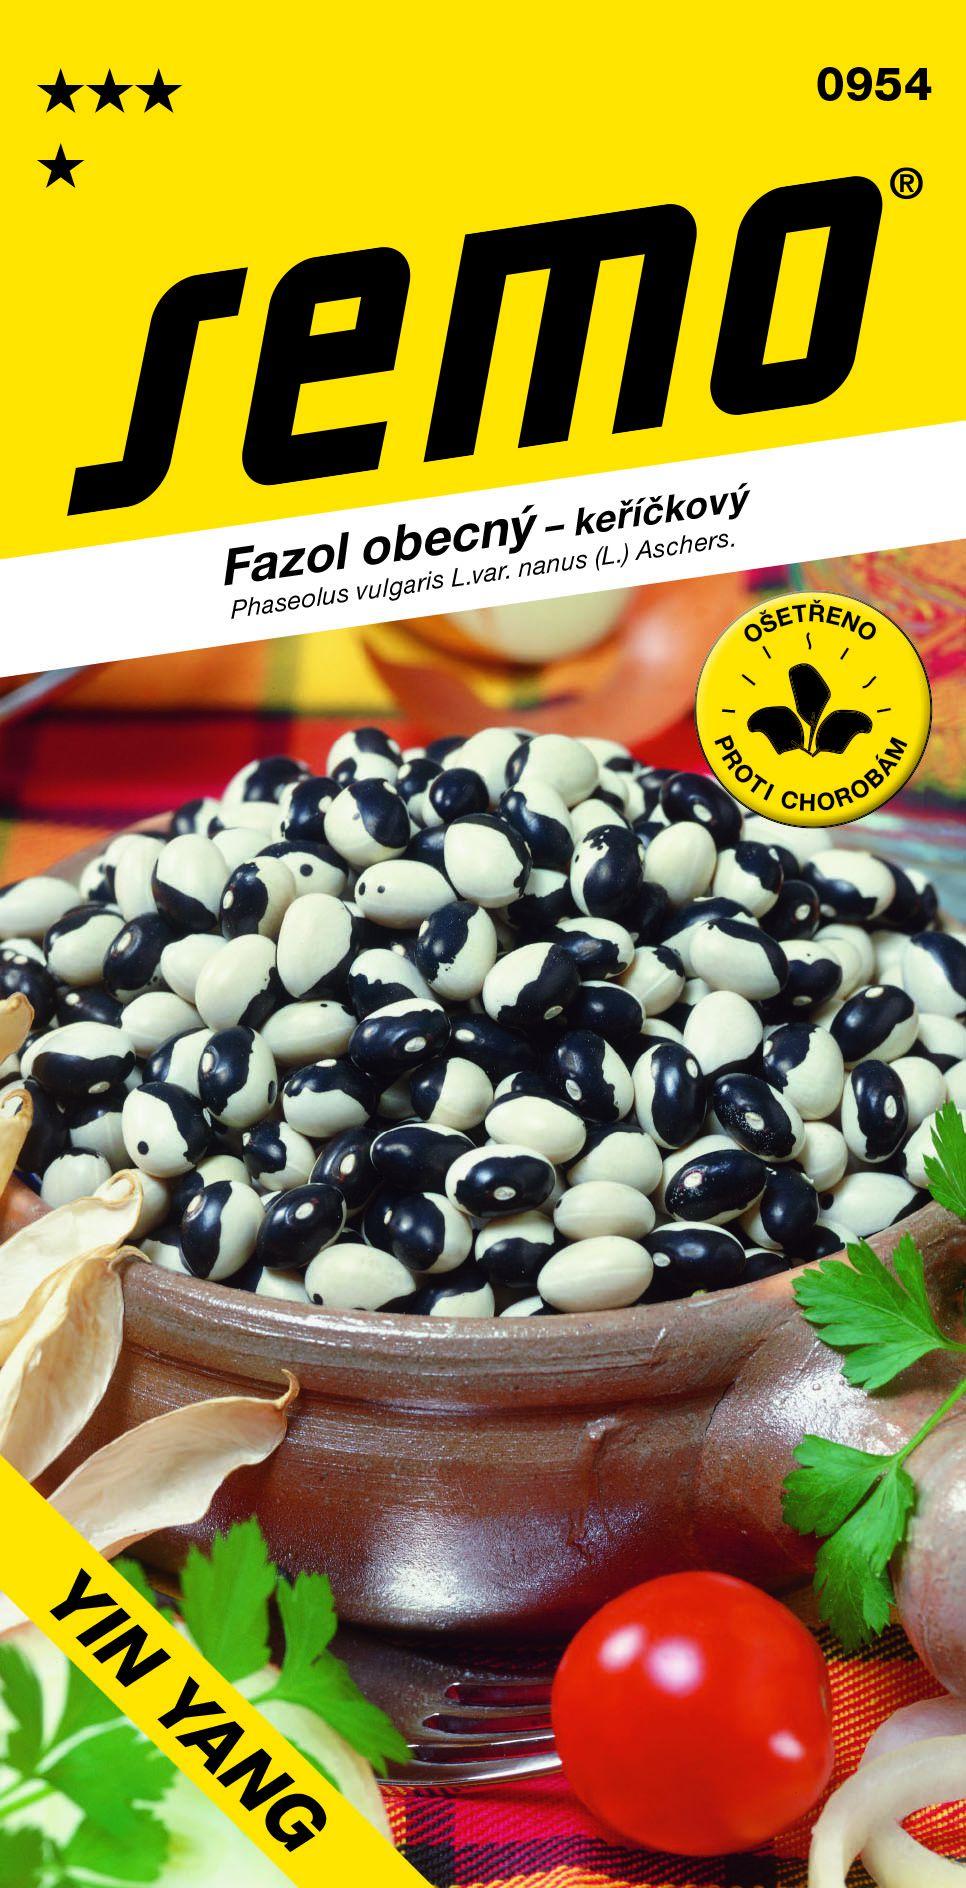 Semo Fazol keříčkový bílo-černý - Yin Yang 10g